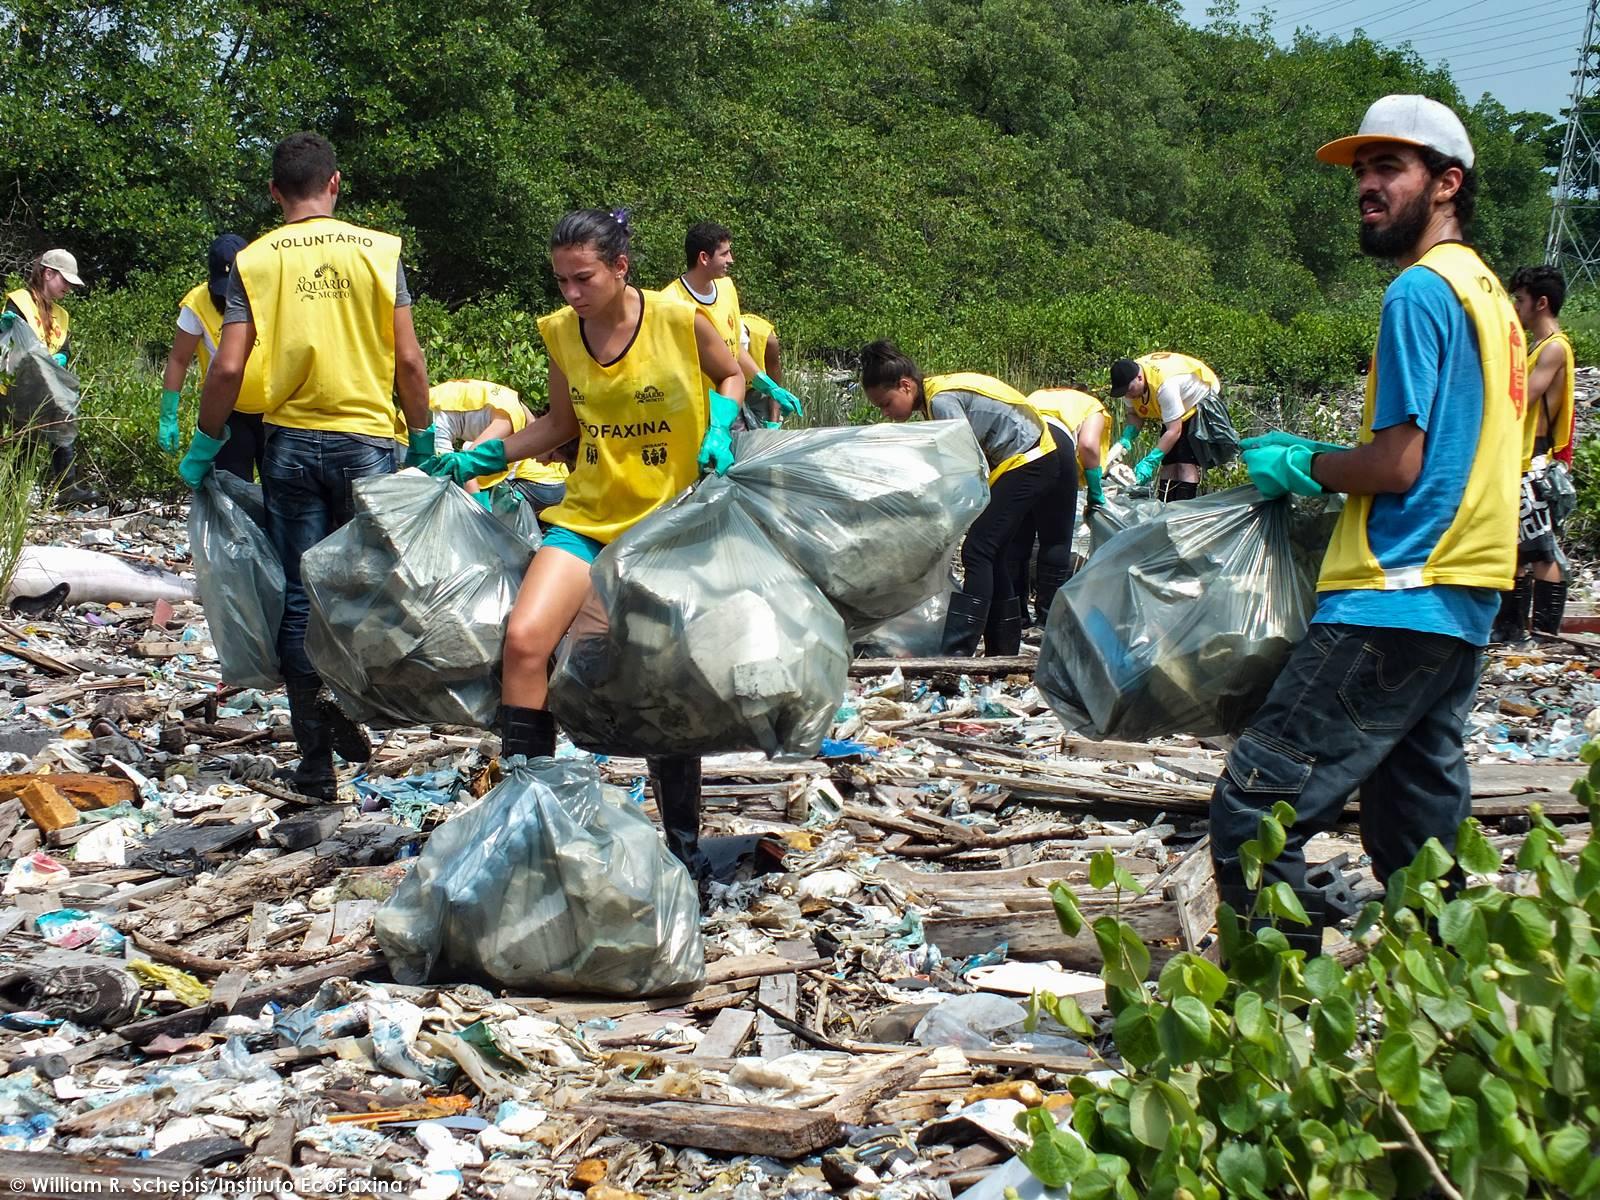 O sol forte e a alta temperatura não diminuiu o ritmo de trabalho dos voluntários.